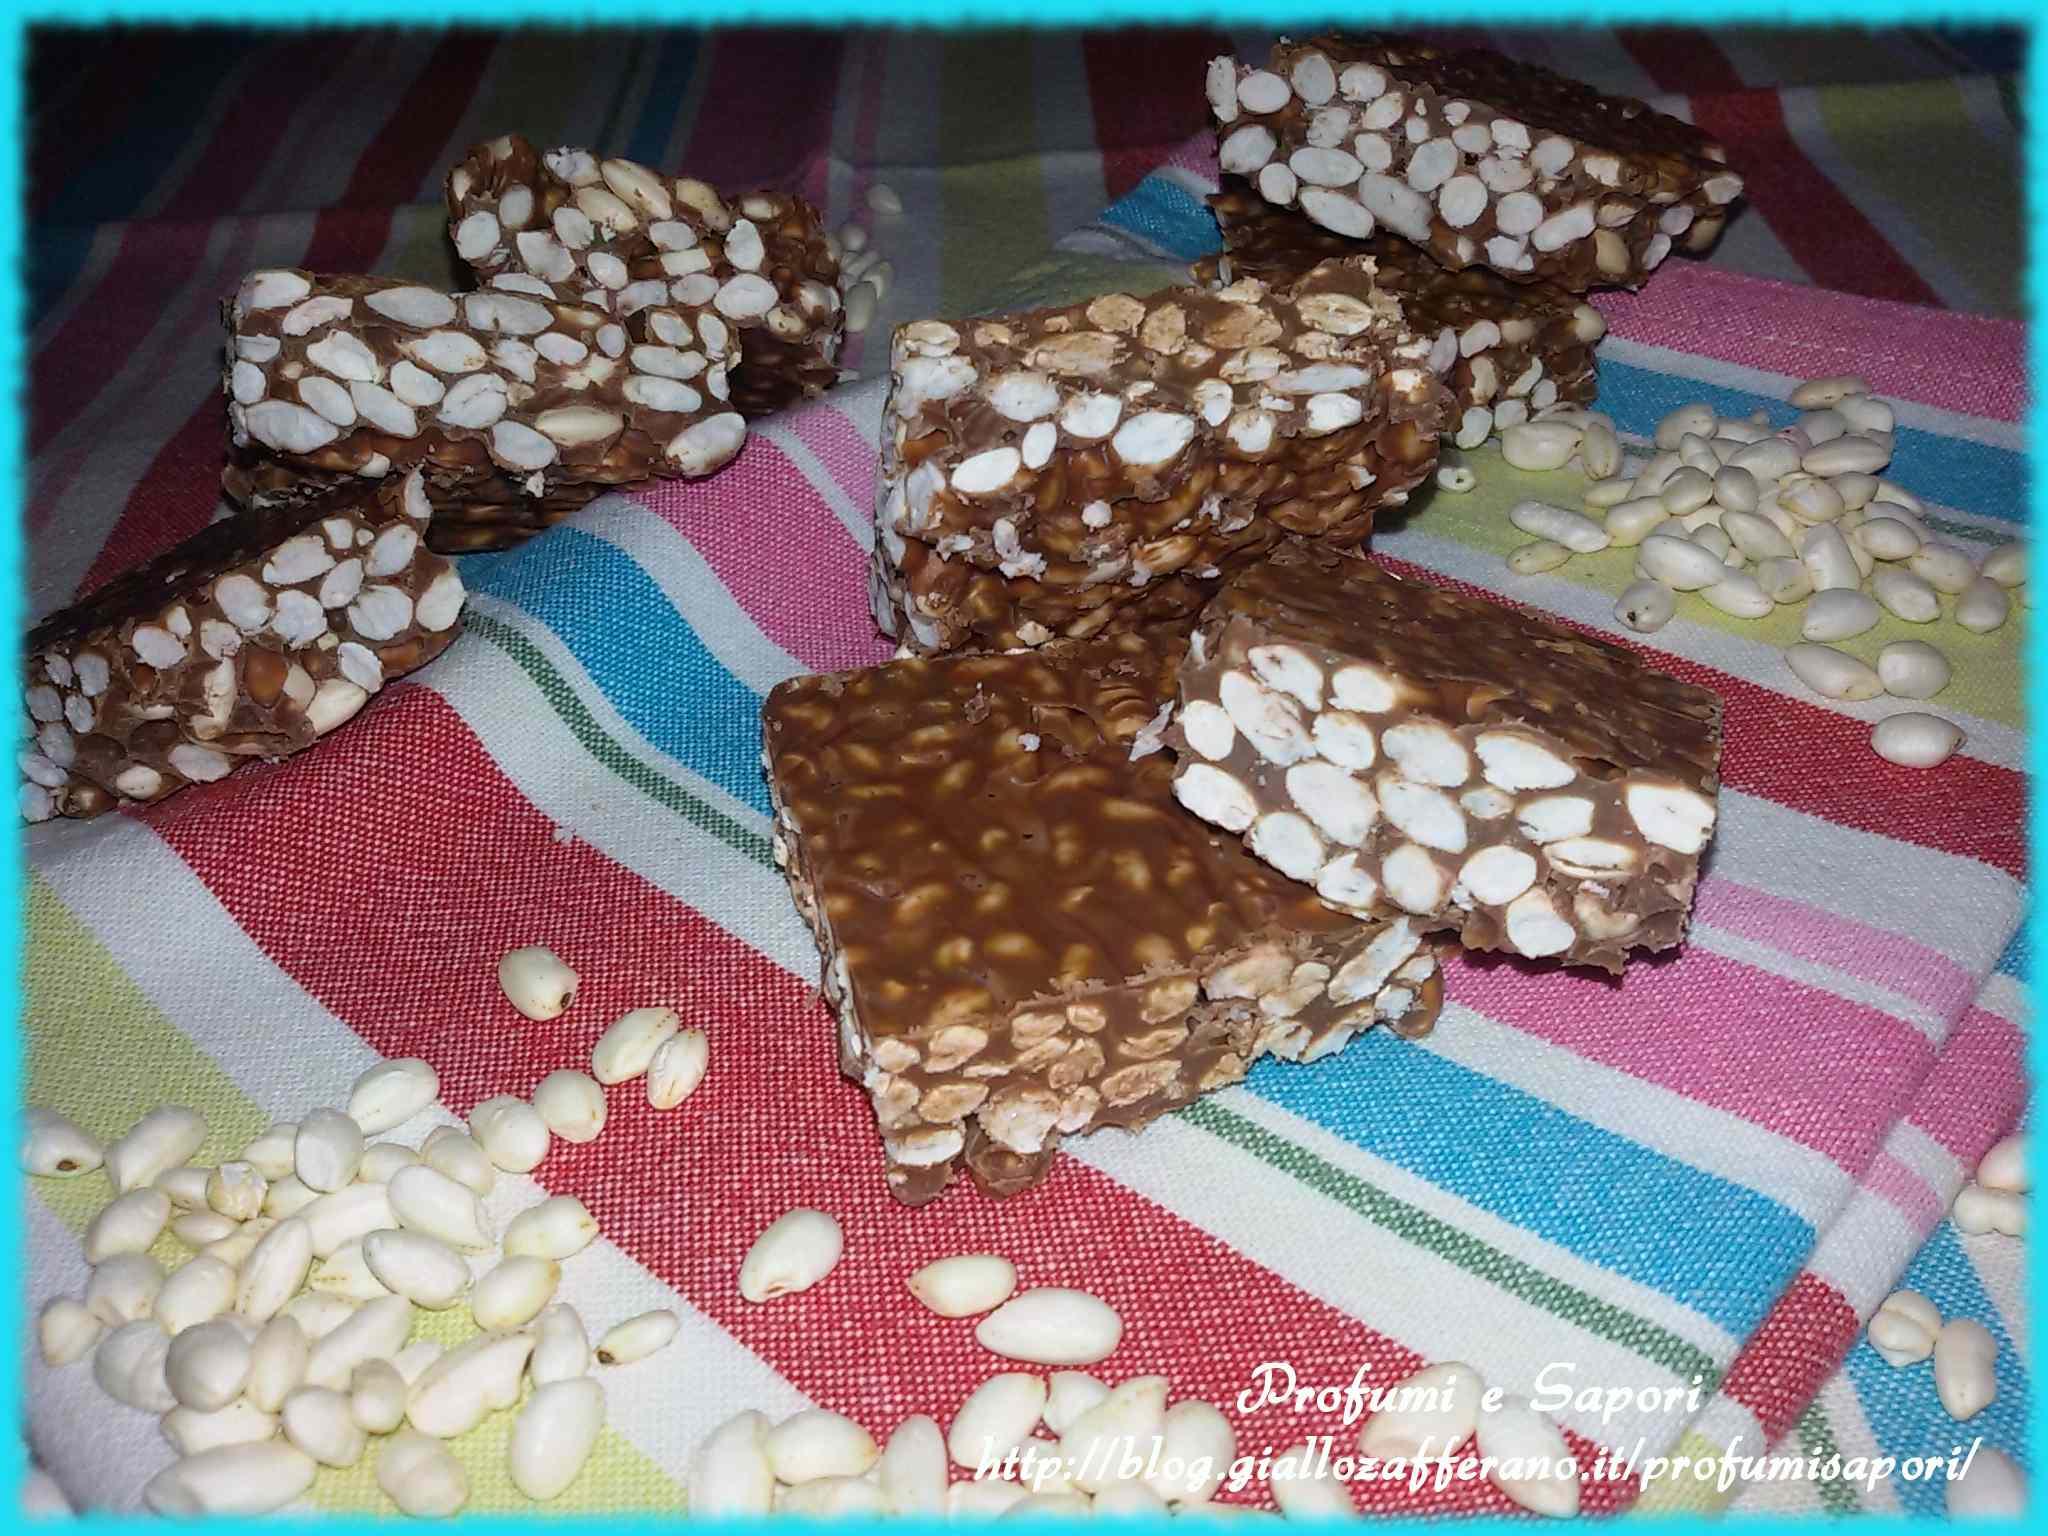 Ricetta: Barrette al riso soffiato e cioccolato